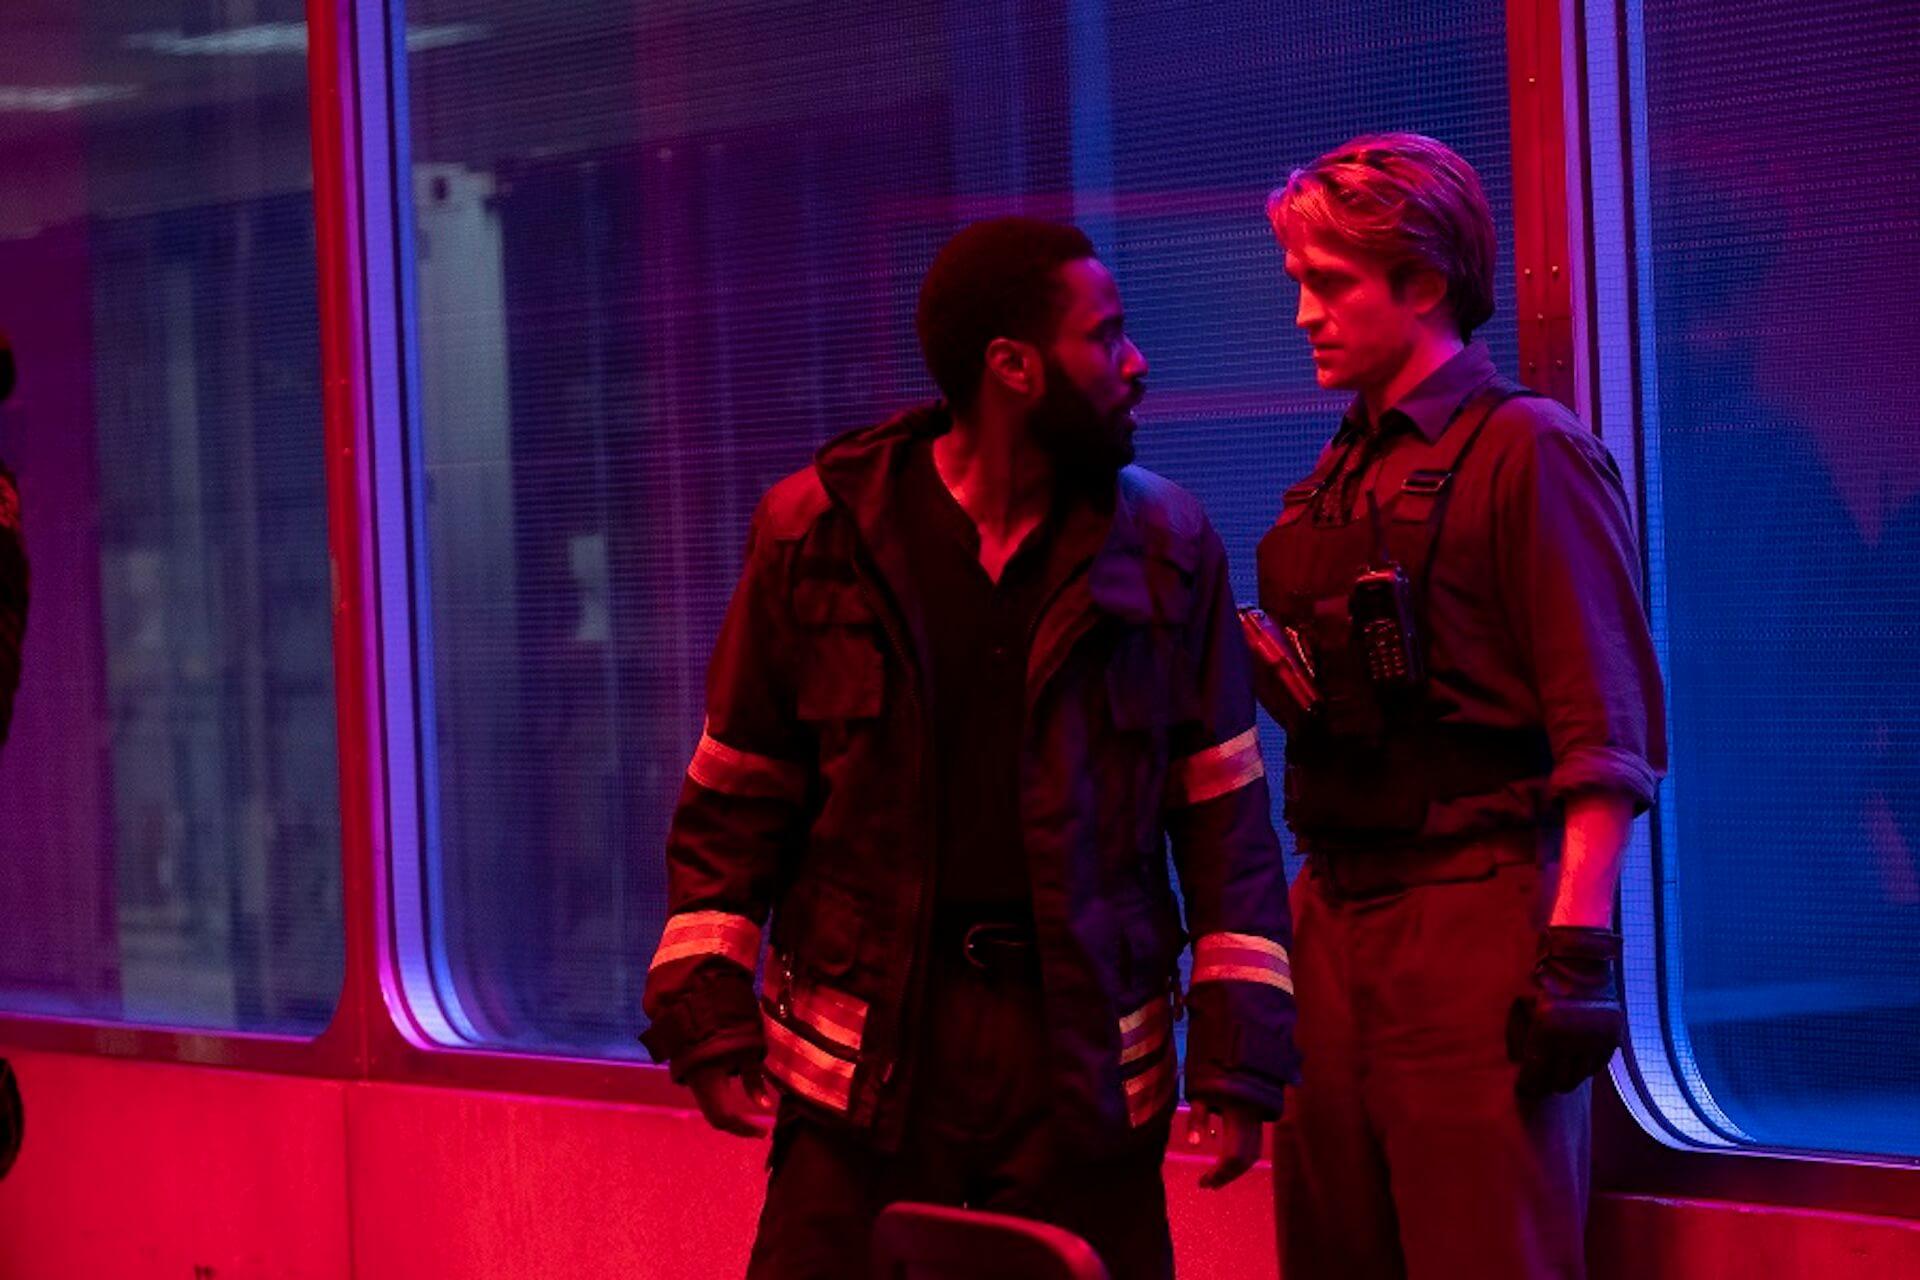 大ヒットを記録したクリストファー・ノーラン監督作『TENET テネット』が早くも12月よりダウンロード販売開始!来年1月Blu-ray&DVD発売 film201127_tenet_3